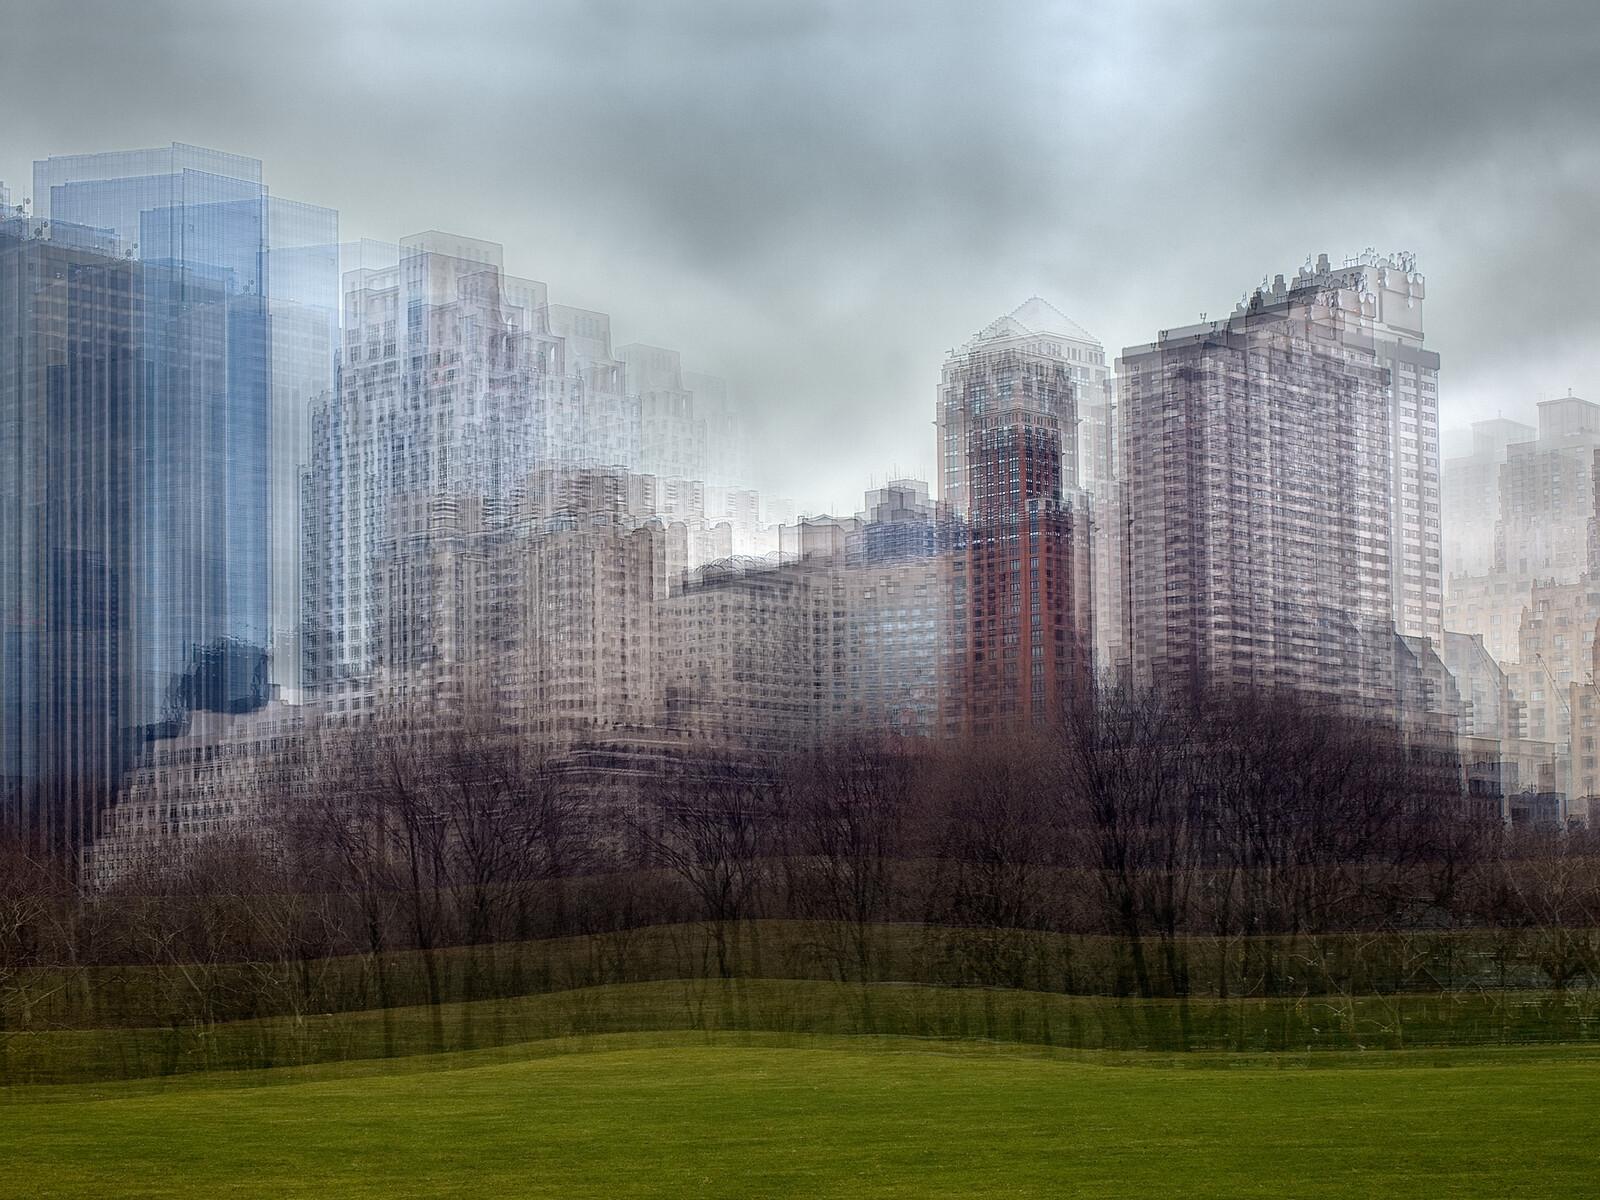 Central Park 8 a.m., NY - Alfonso Zubiaga